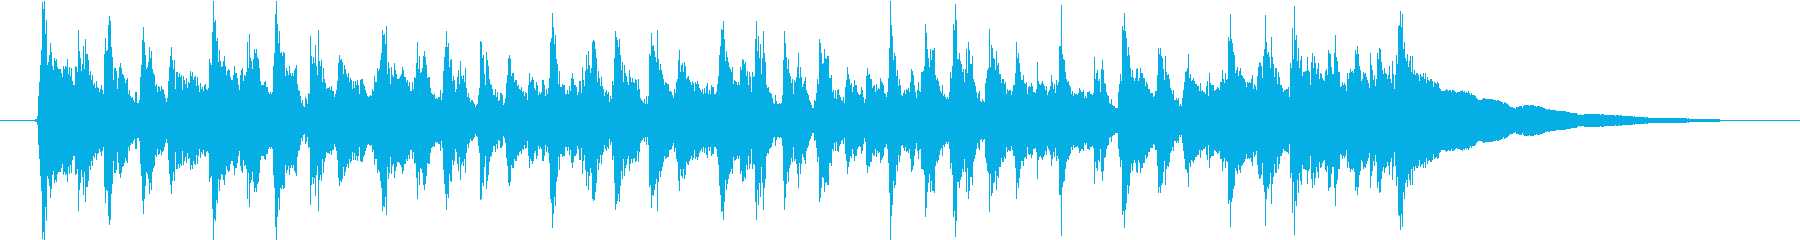 幸せな日常 BGMの再生済みの波形